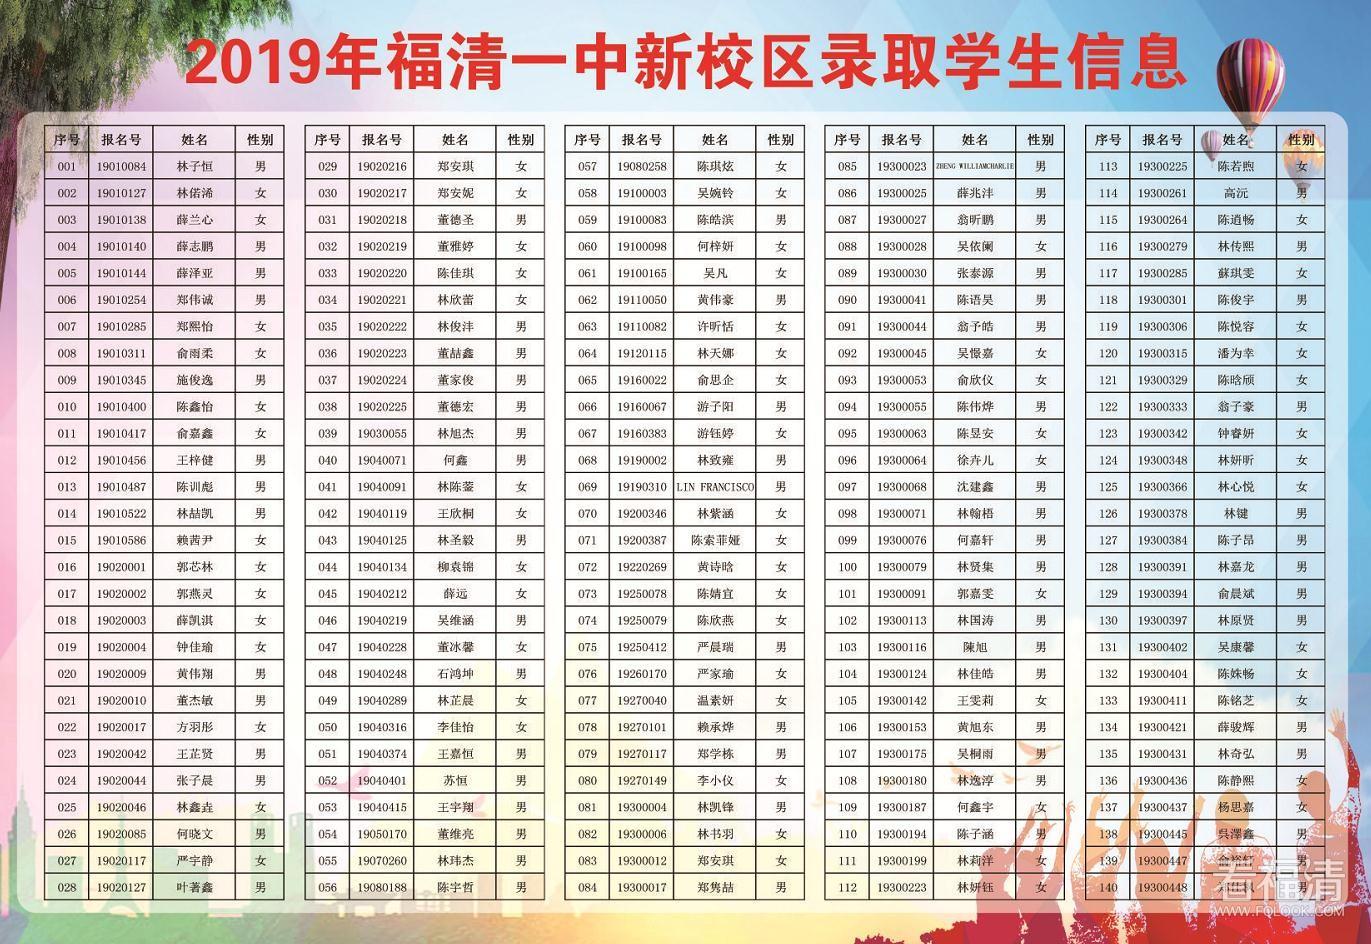 2019年福清一中新校区录取学生名单